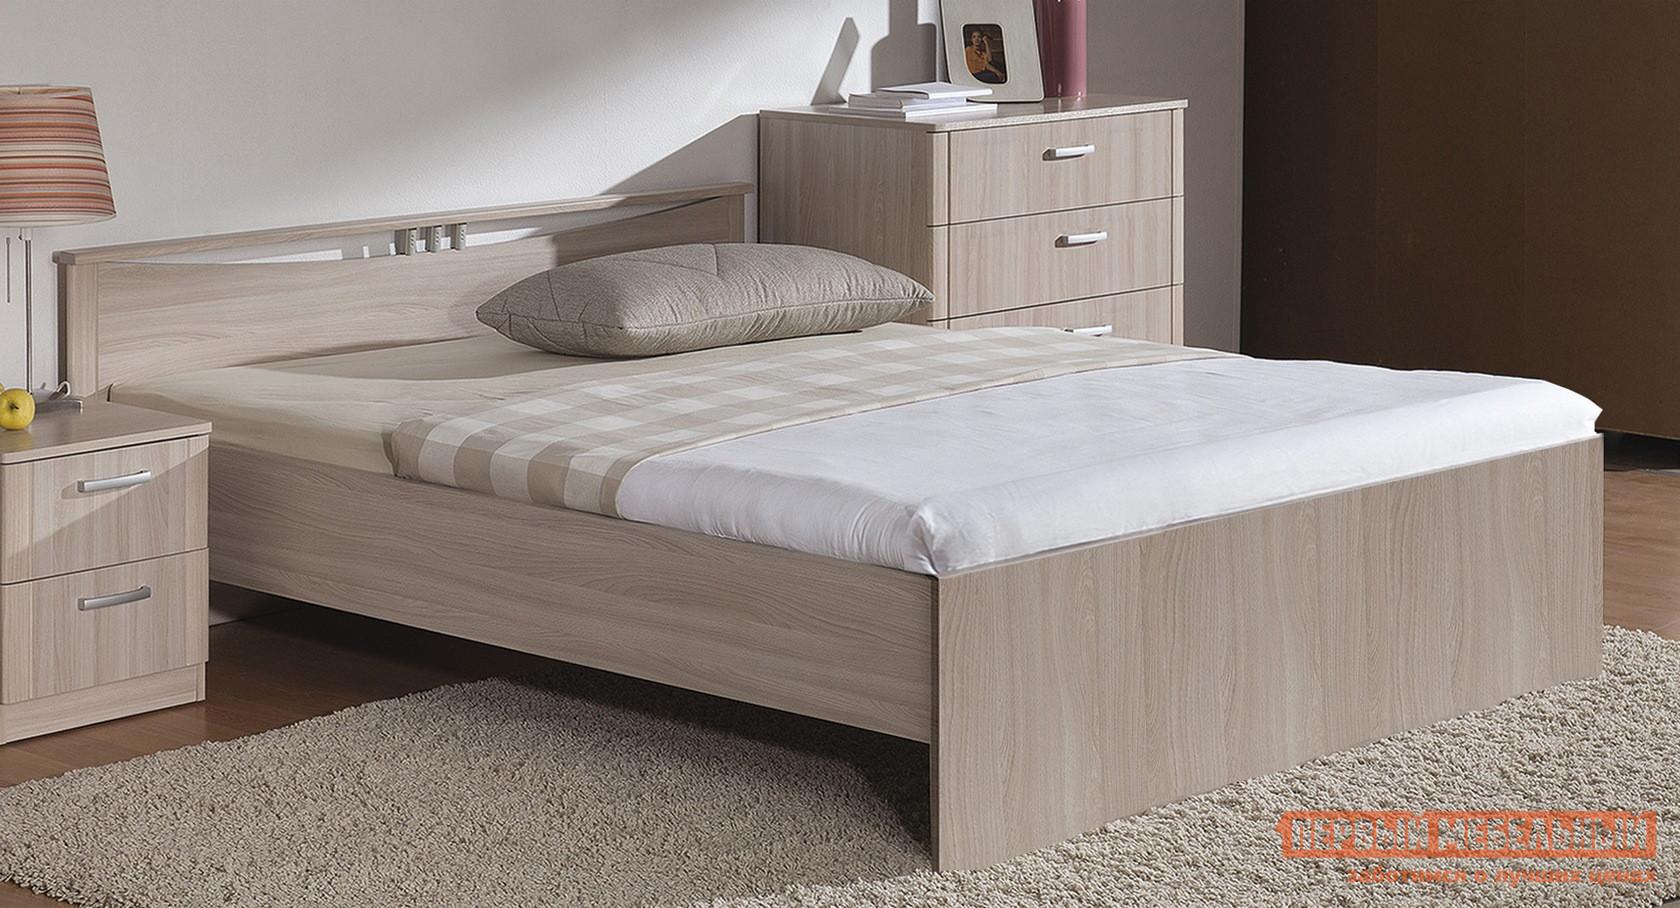 Кровать двуспальная из массива дерева Боровичи Мелисса кровать из массива дерева credit suisse 1 2 1 5 1 8